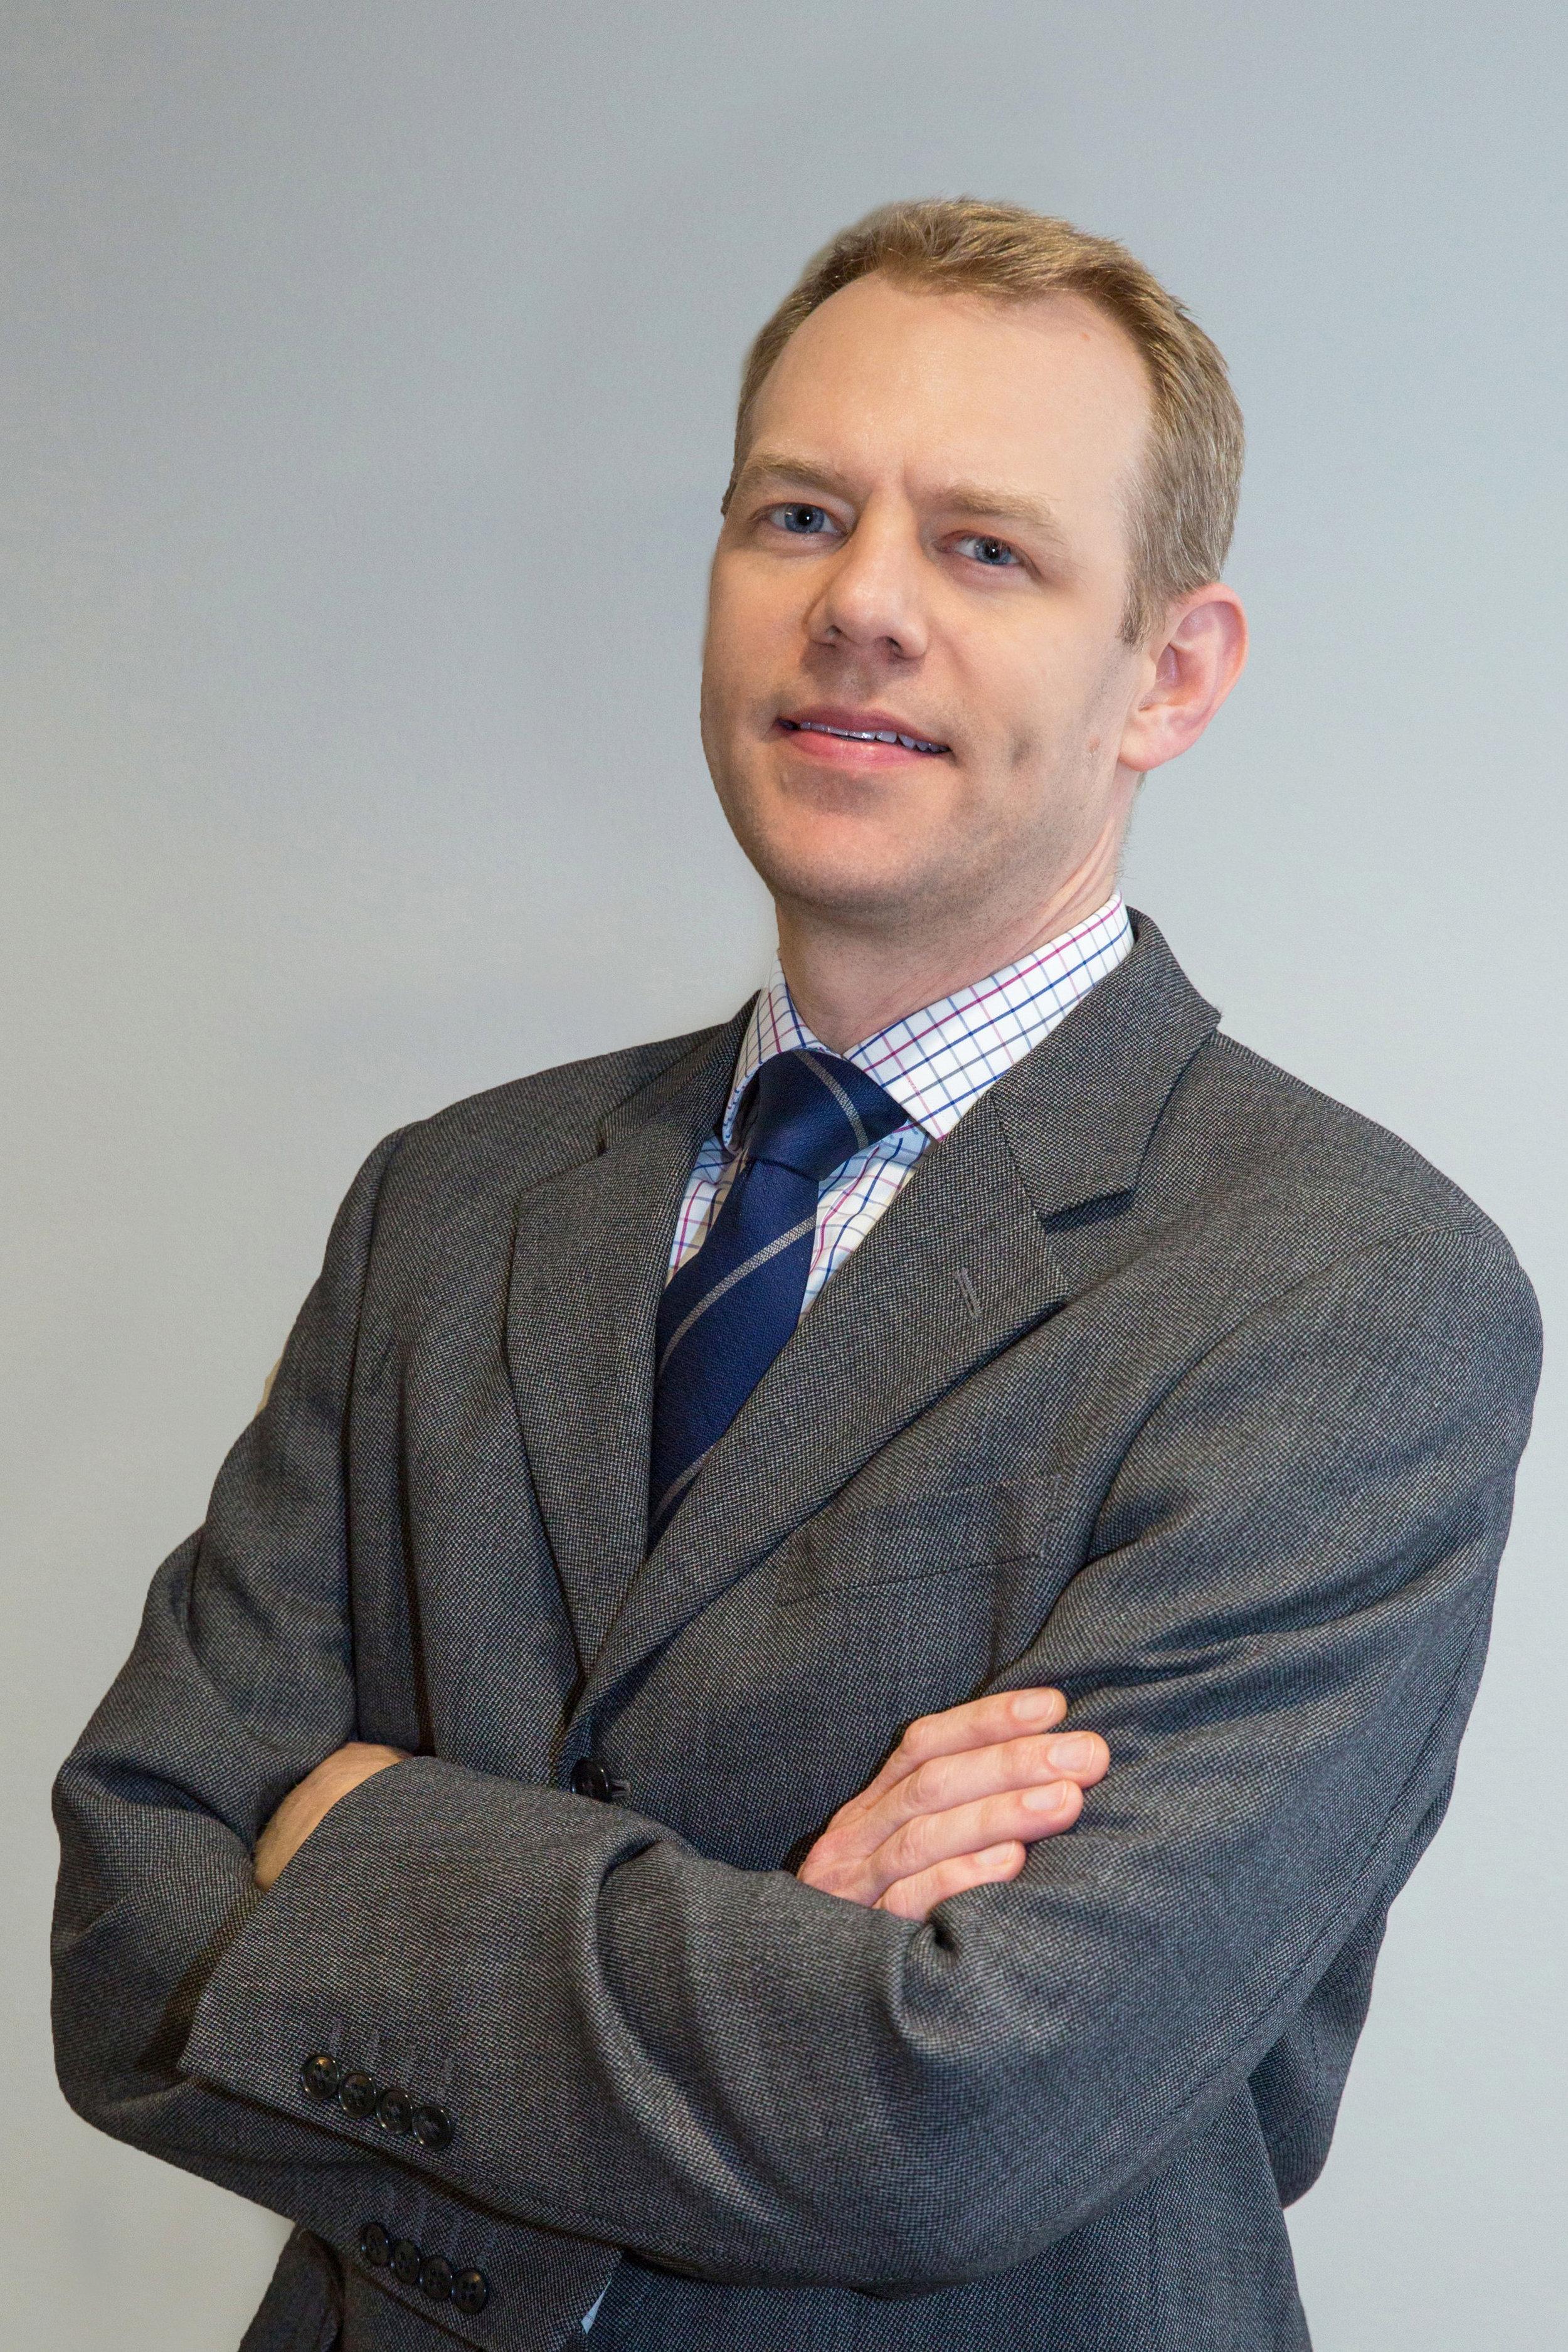 Dr. Matthew Carfrae